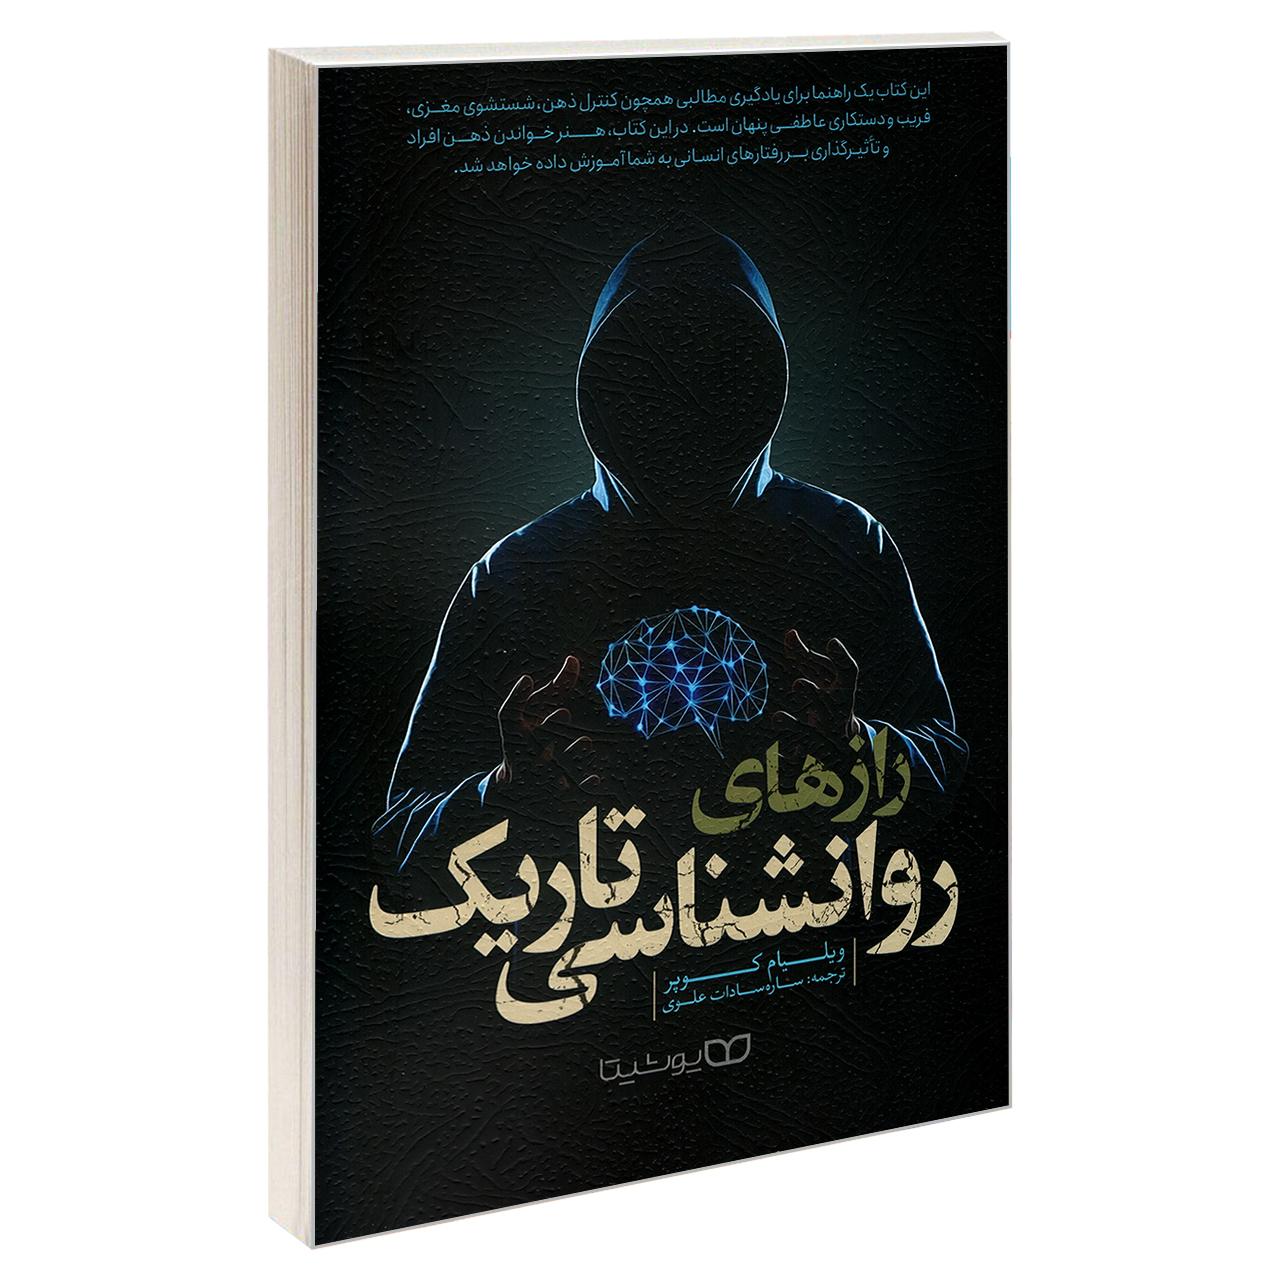 خرید                      کتاب راز های روانشناسی تاریک اثر ویلیام کوپر نشر یوشیتا